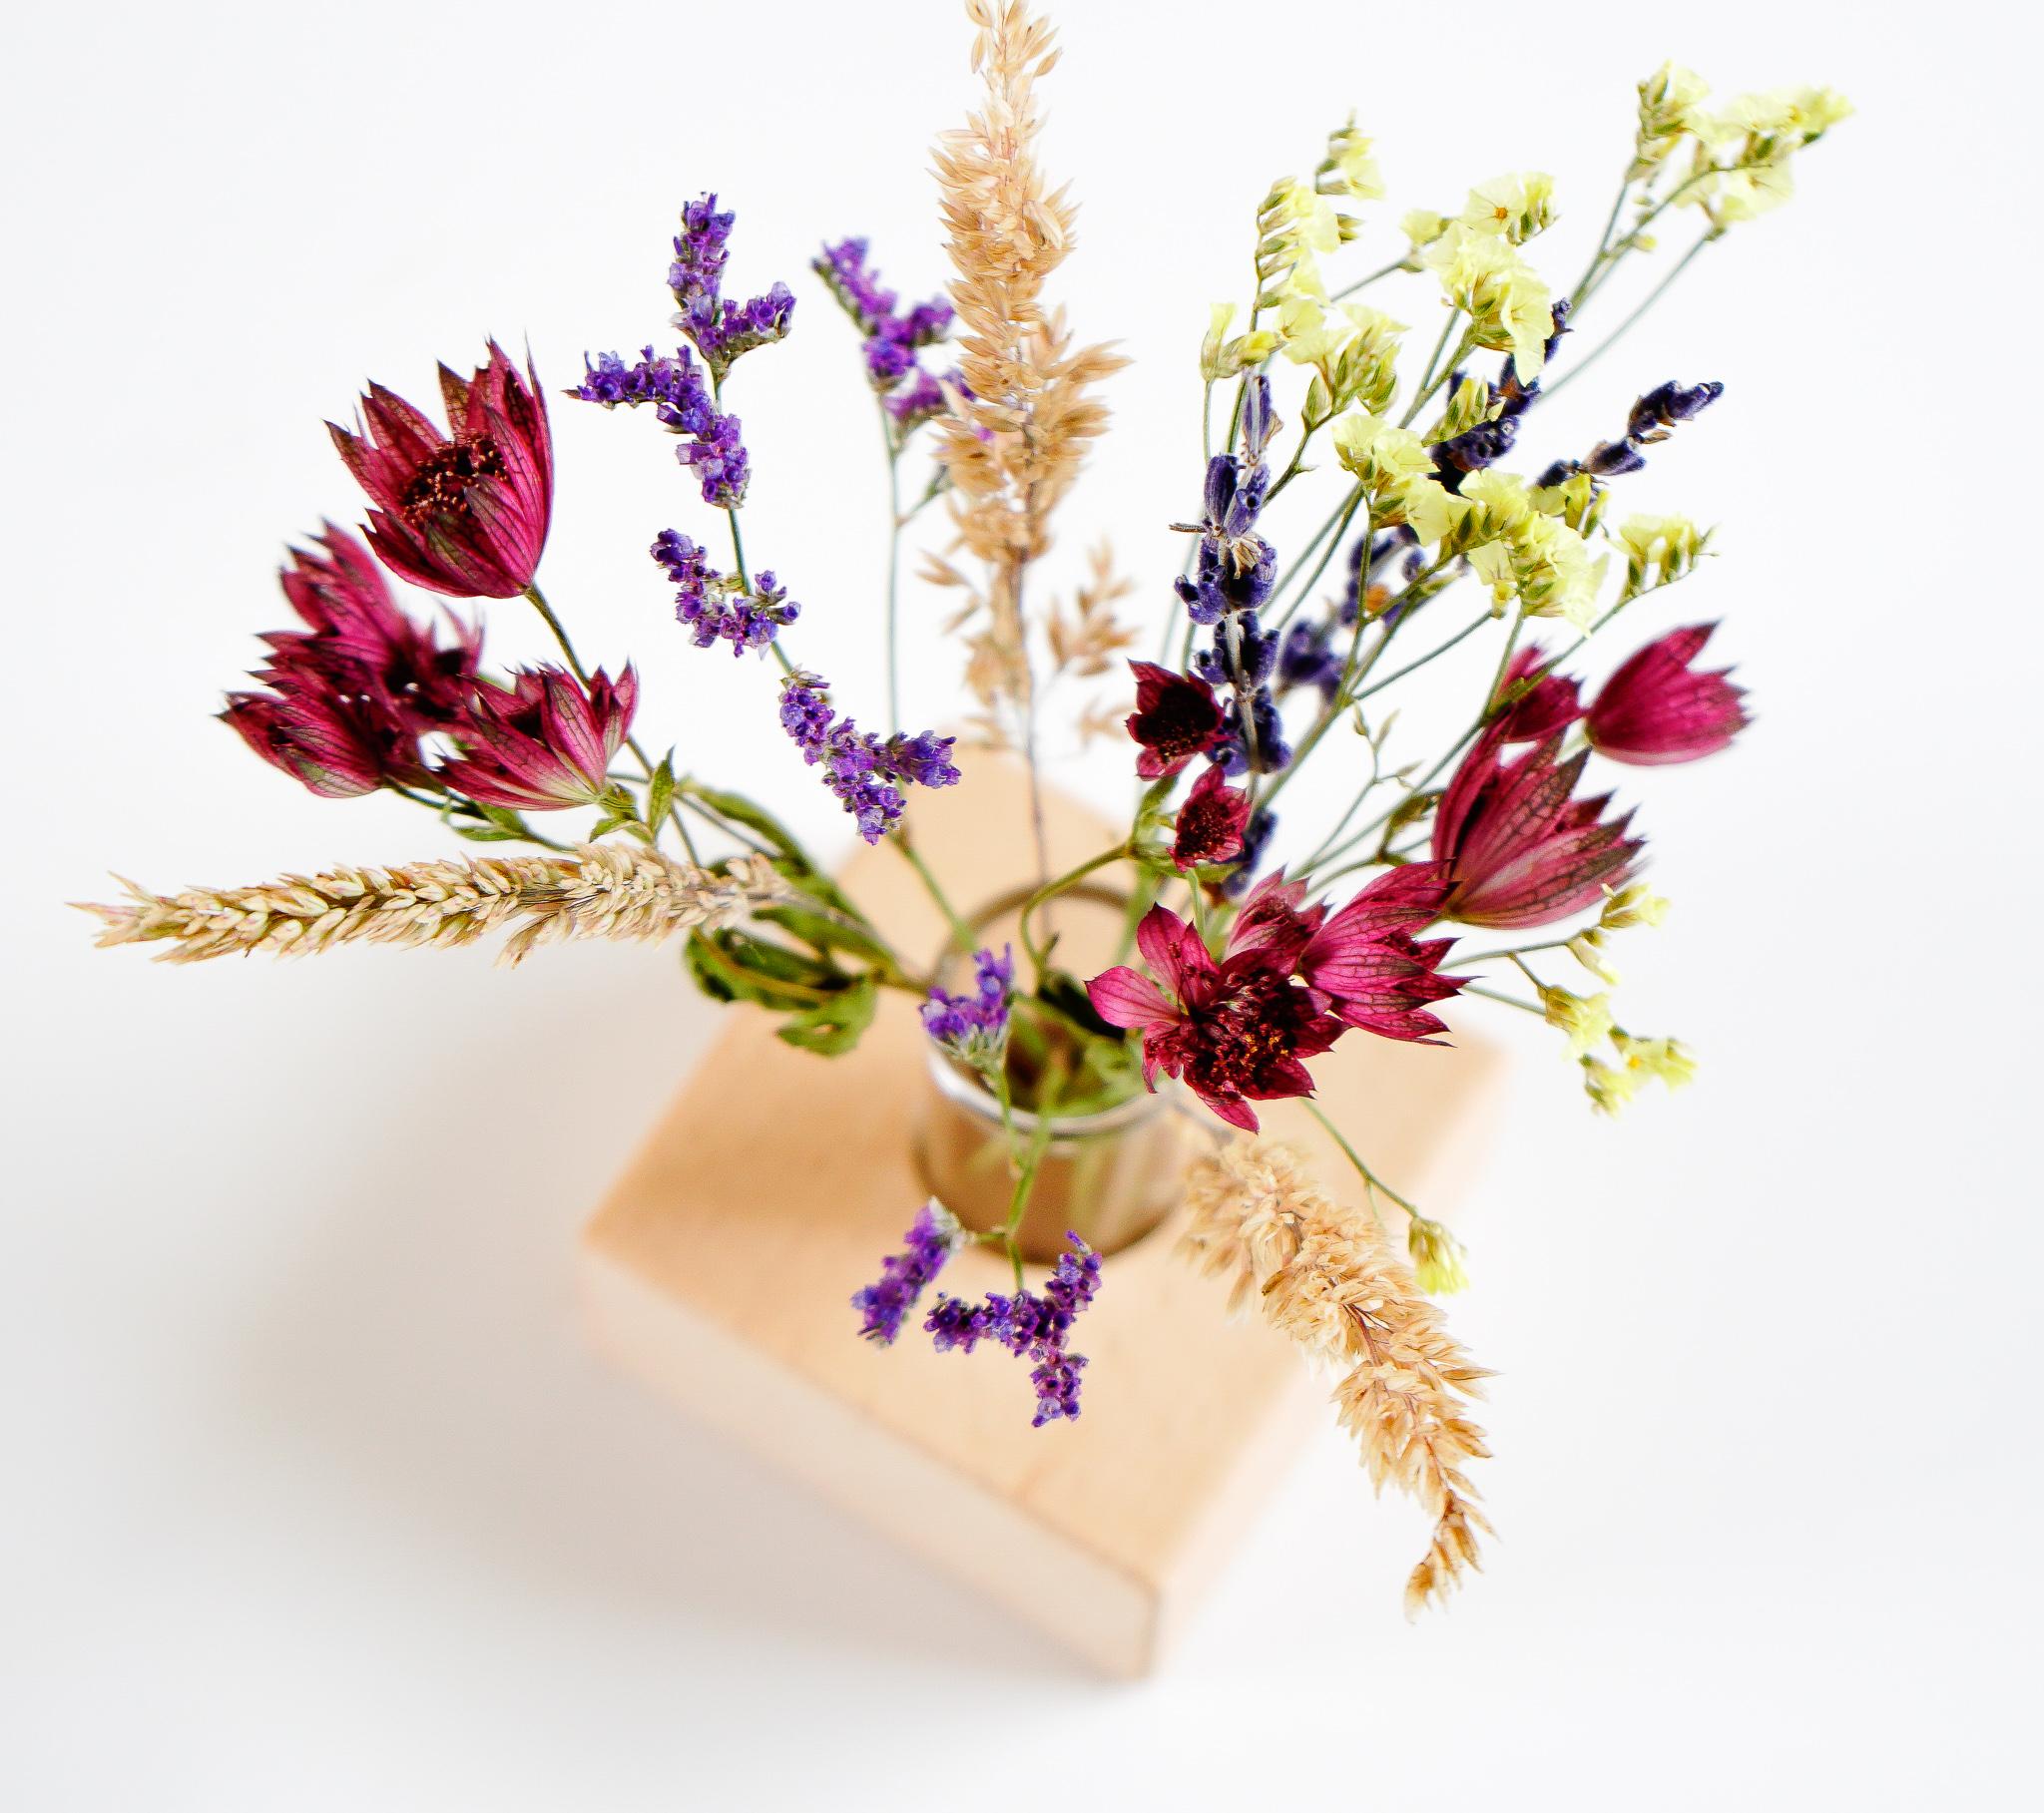 Sfeerfoto duurzaam relatiegeschenk mini droogbloemen in houder